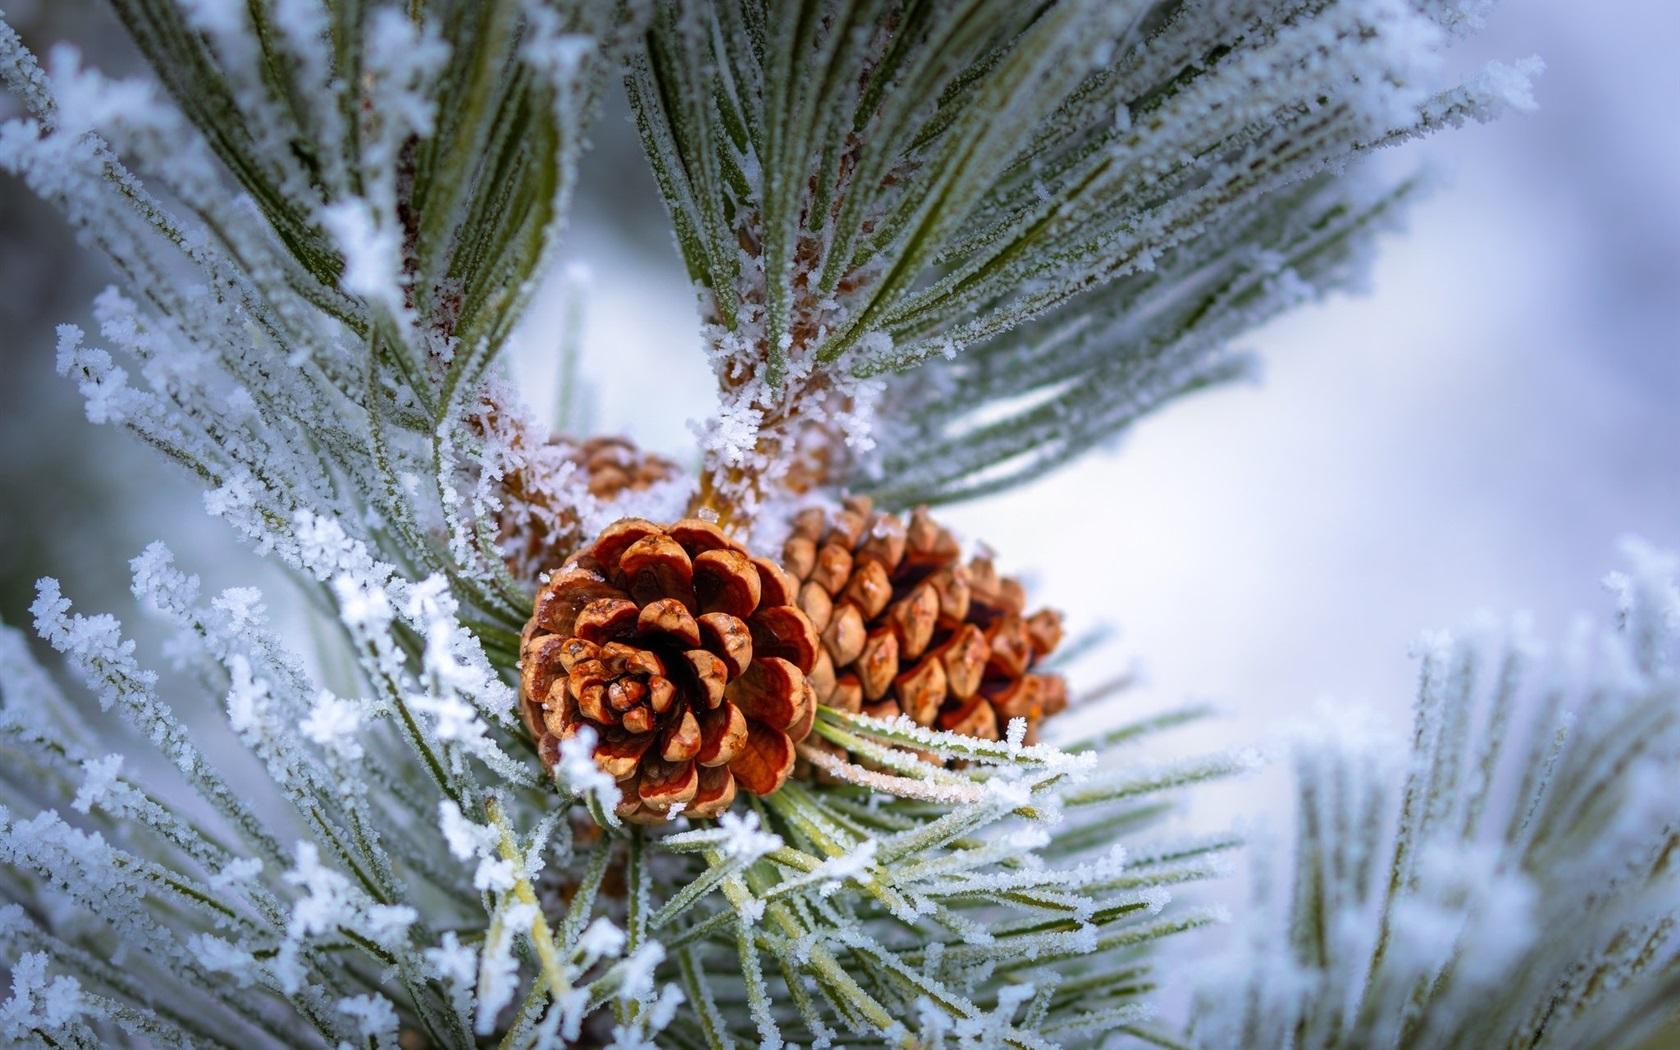 Wallpaper pine tree twigs frost winter 1920x1200 hd - Pine tree wallpaper iphone ...